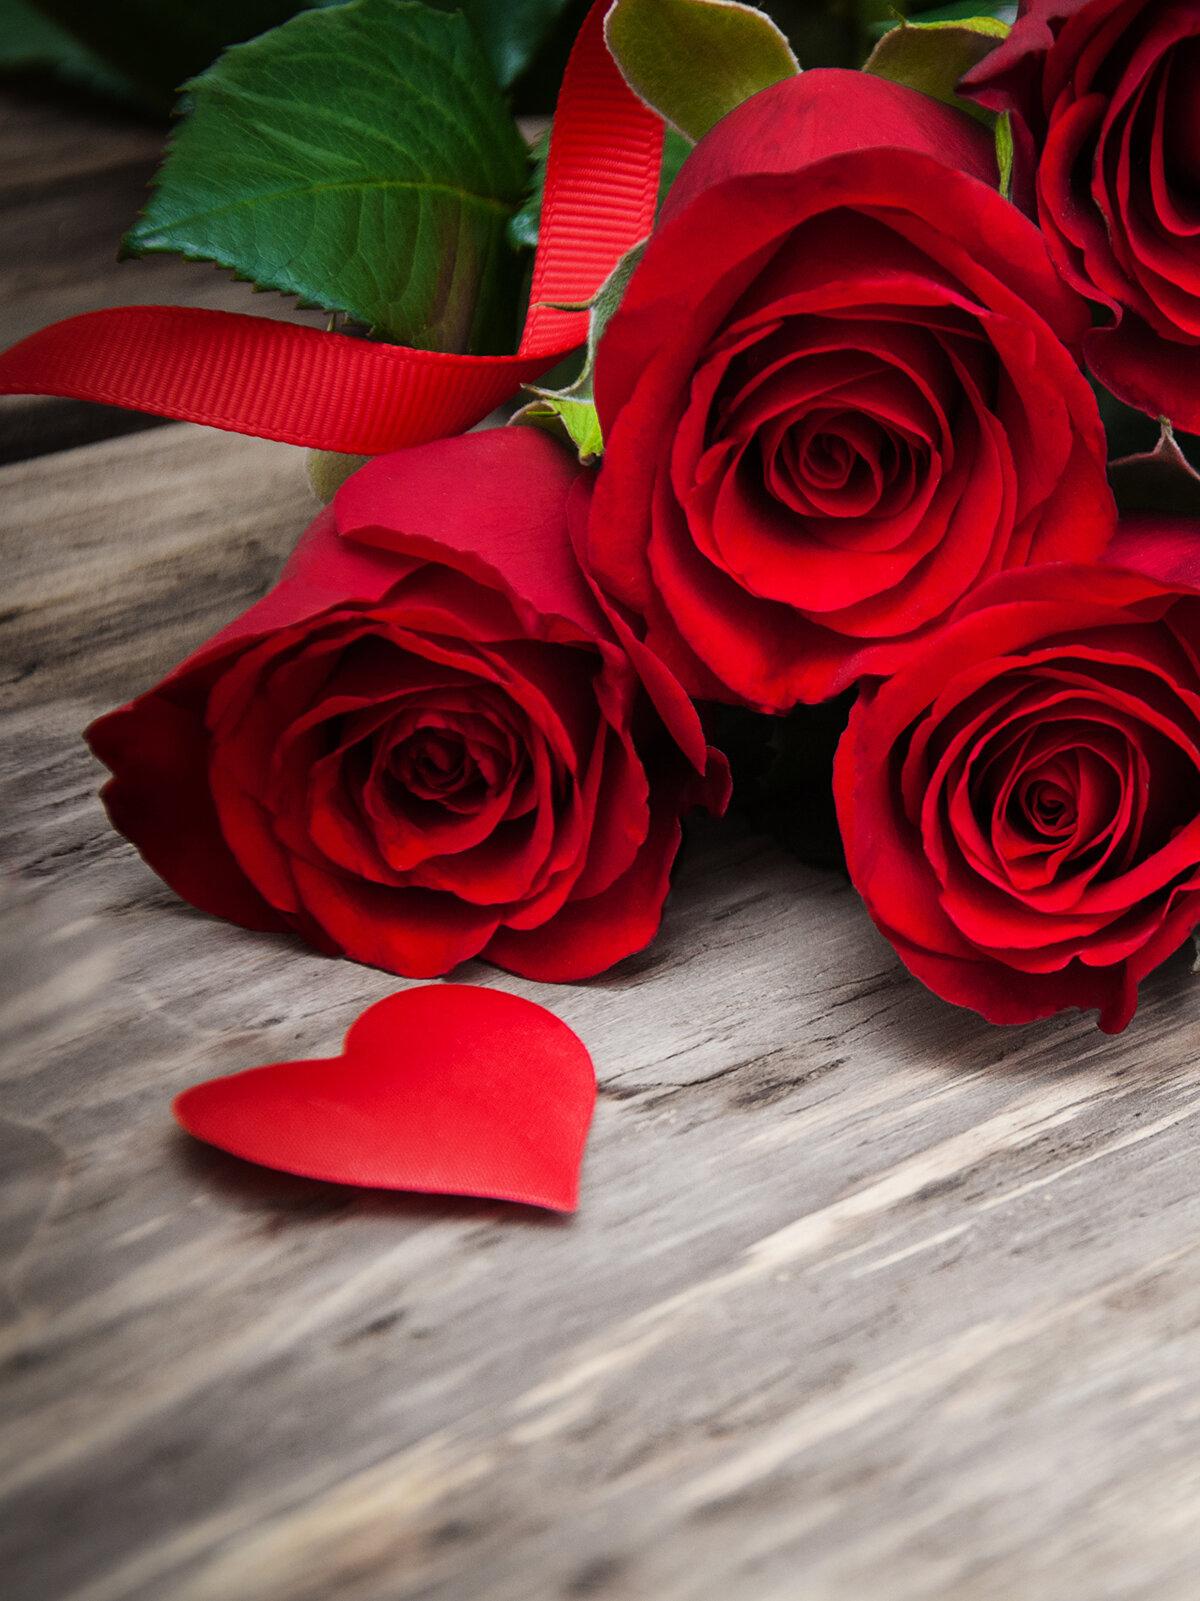 Розы картинки на телефон, наслаждайся жизнью-она прекрасна